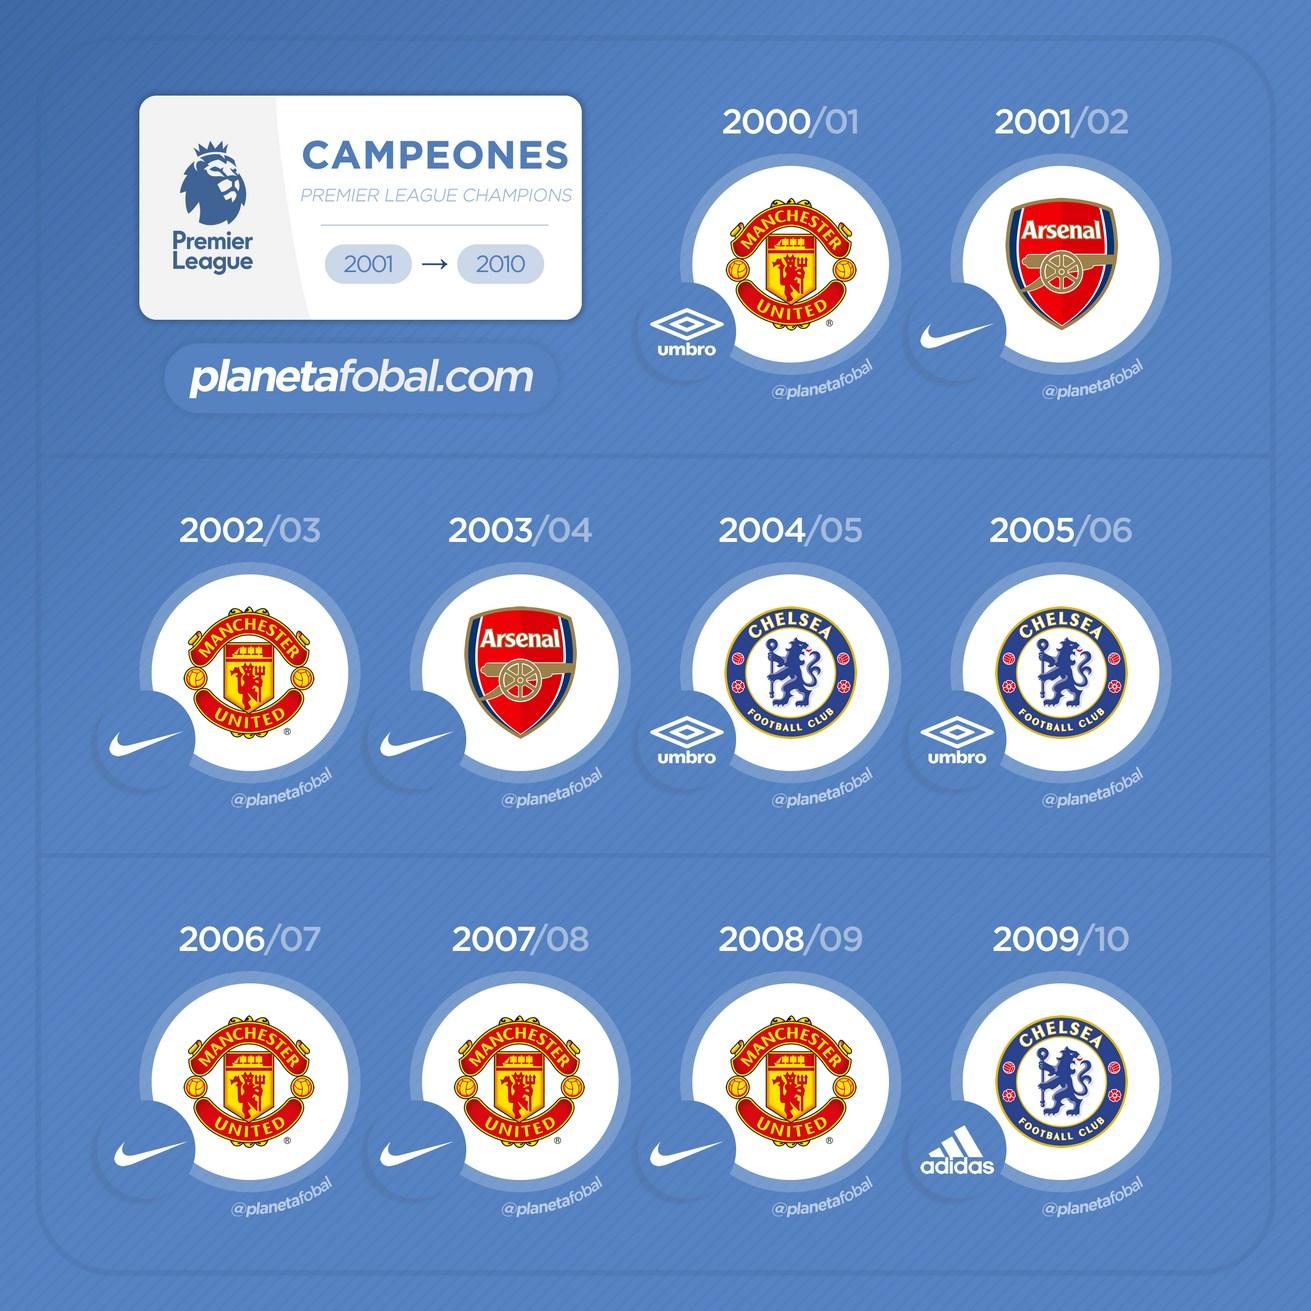 Campeones de la Premier League 2001 - 2010